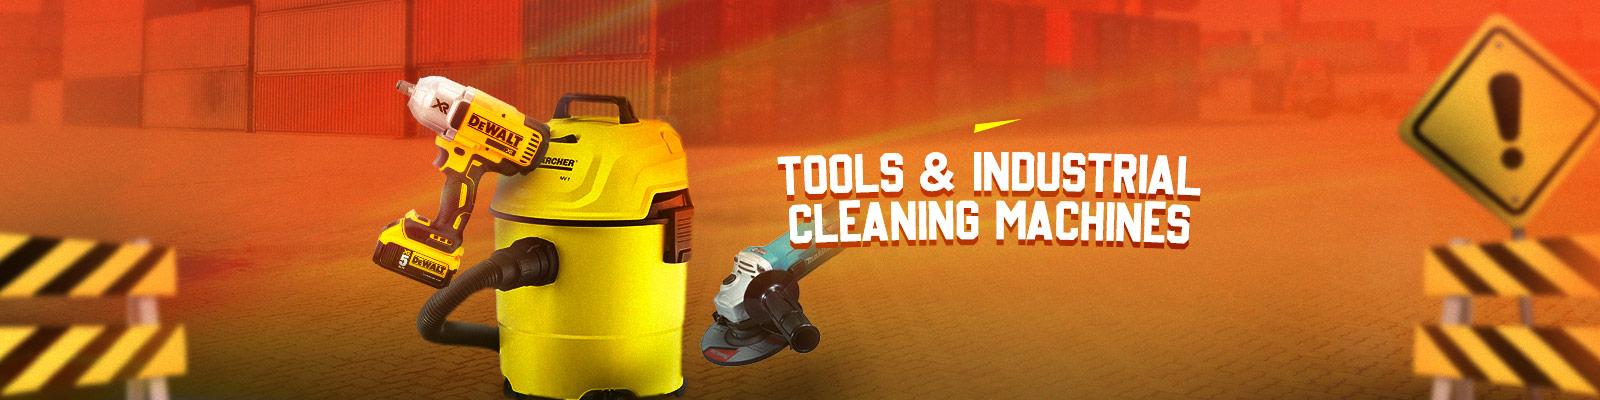 Peralatan Kebersihan dan Perkakas